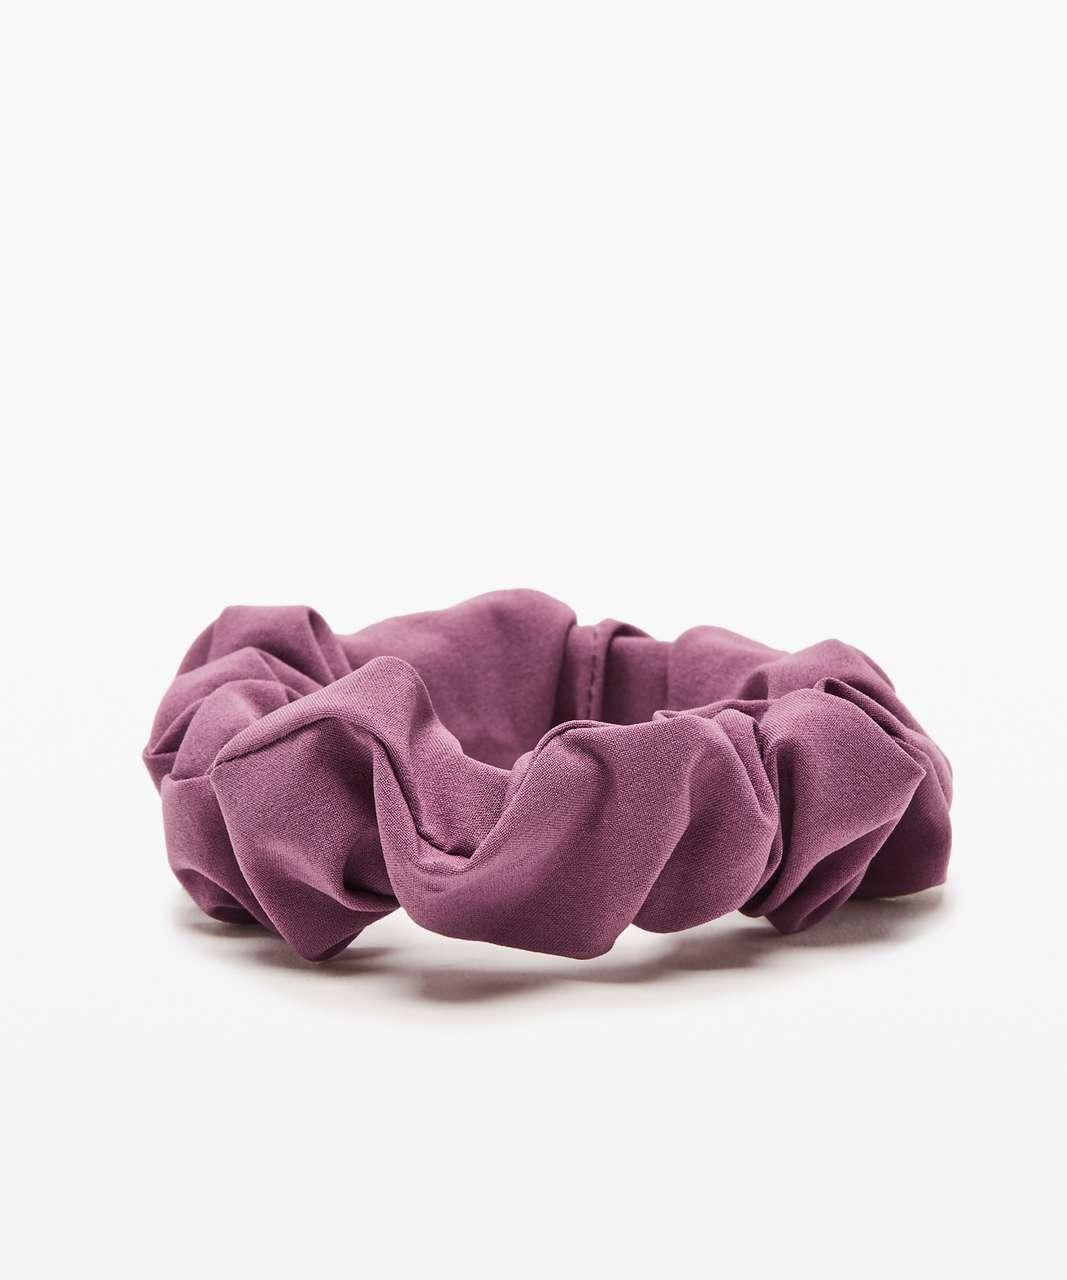 Lululemon Uplifting Scrunchie - Plumful